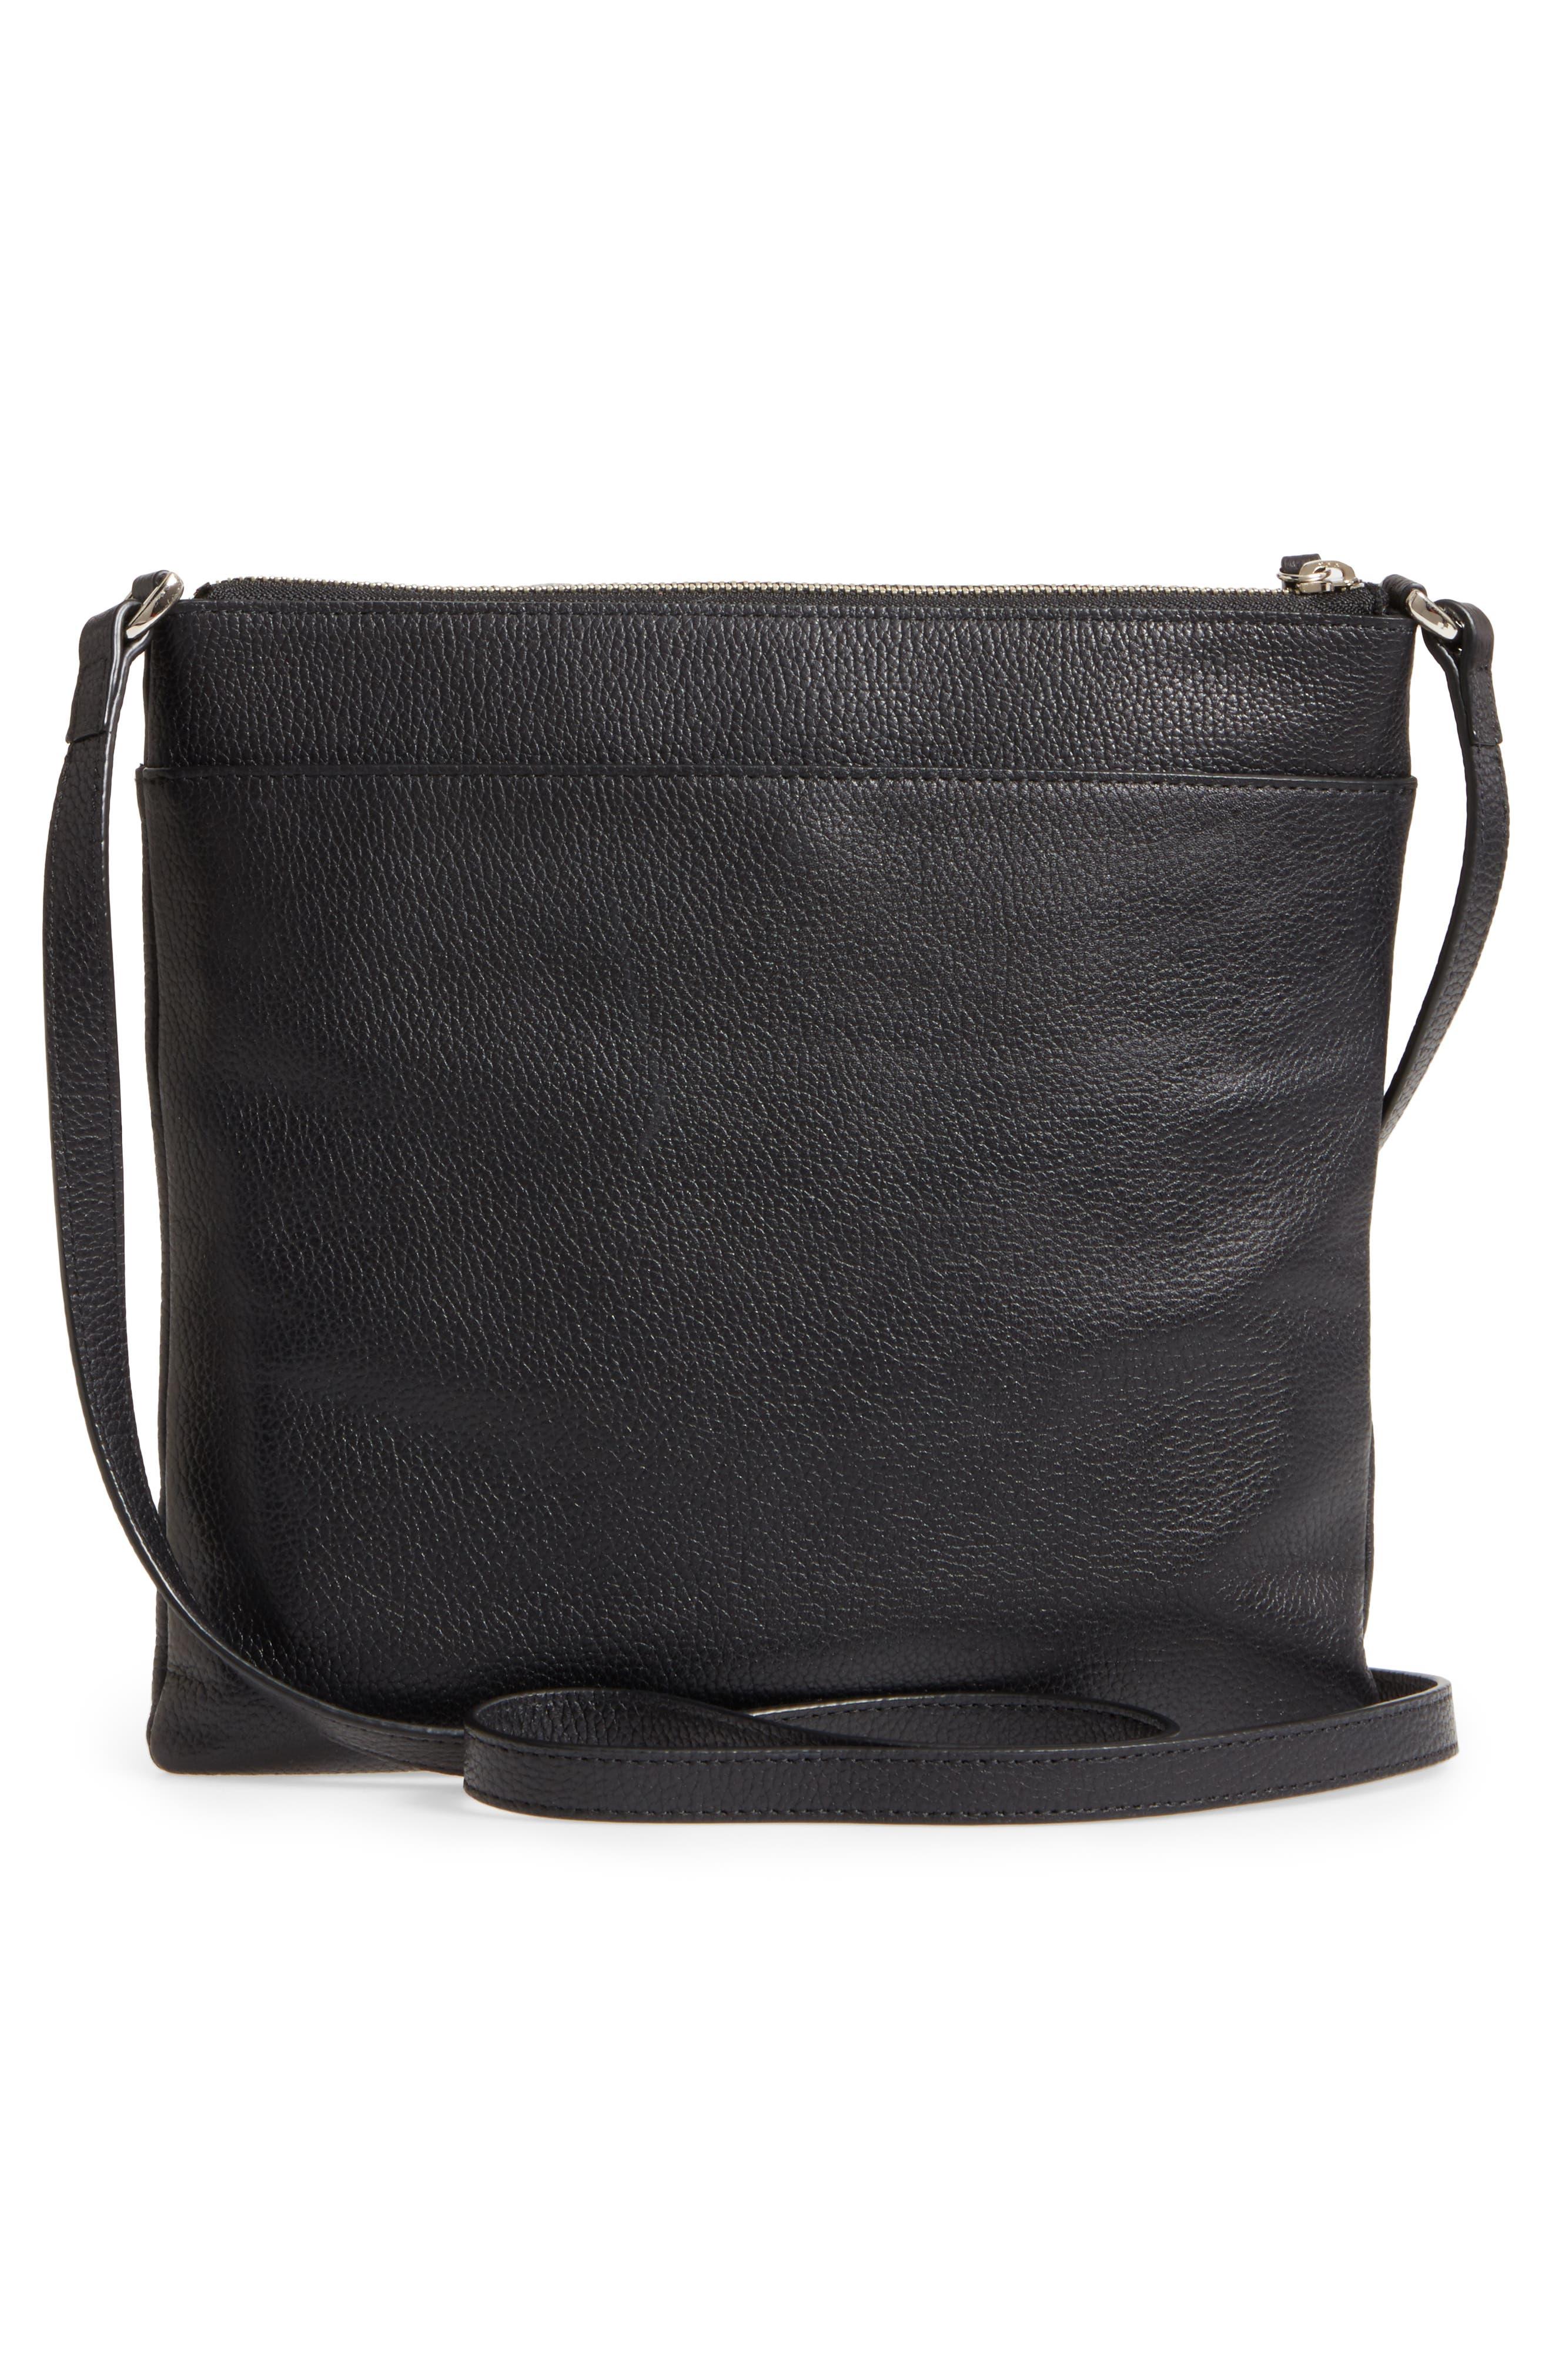 NORDSTROM, Finn Leather Crossbody Bag, Alternate thumbnail 4, color, BLACK